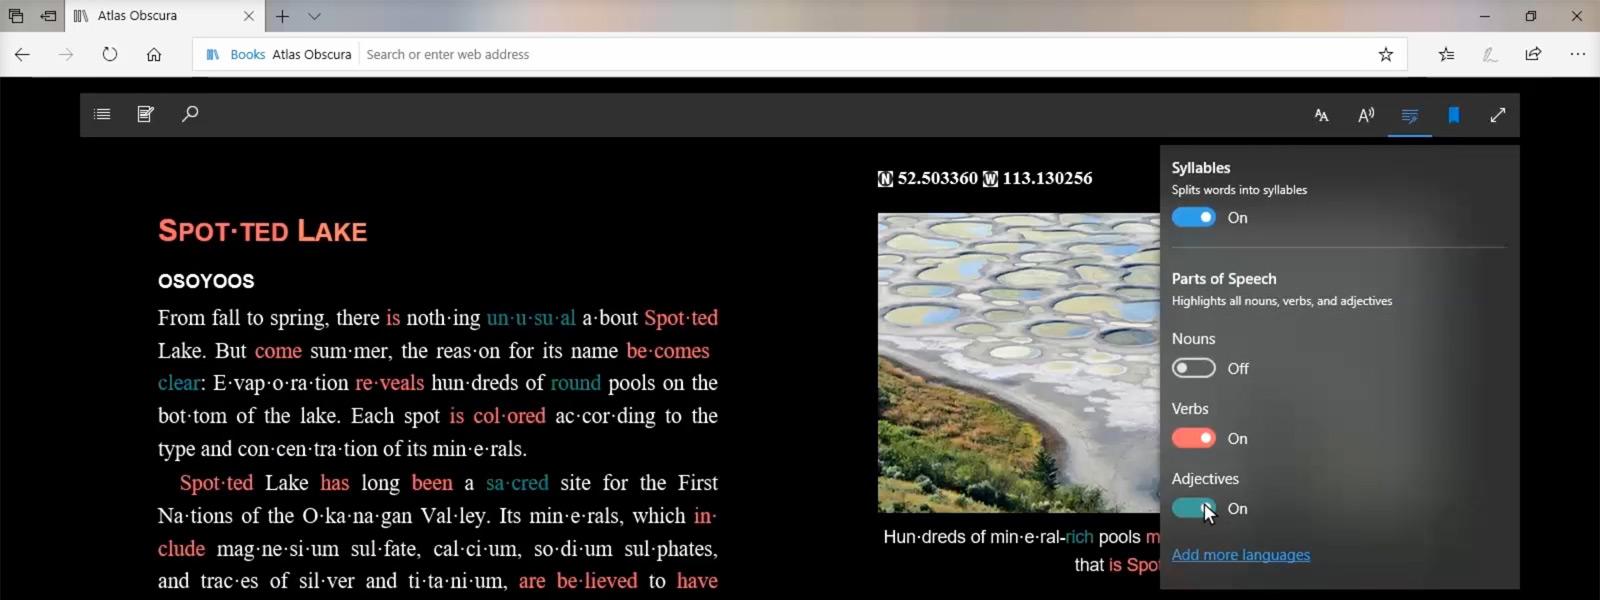 صورة شاشة لوظيفة أدوات التعلّم تميِّز الأسماء والأفعال والصفات في صفحة ويب معينة